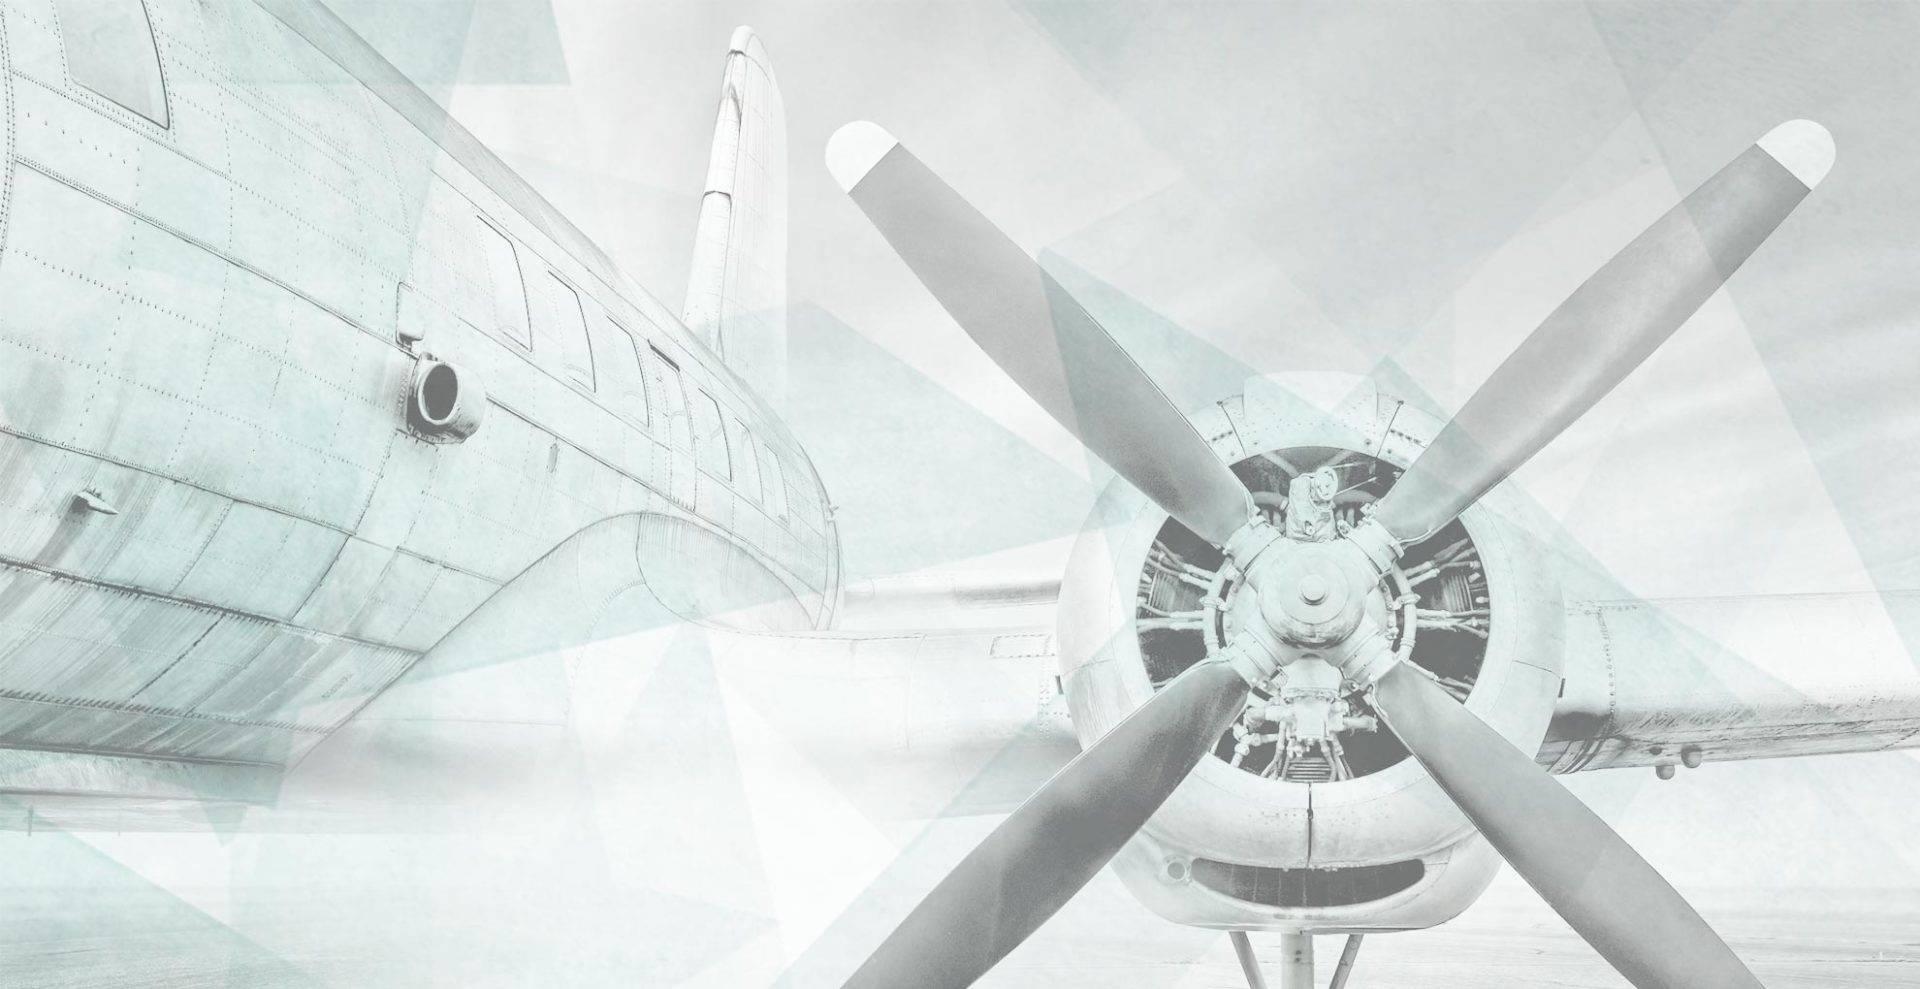 lia design - Angebot für Gründer - Propellerflugzeug